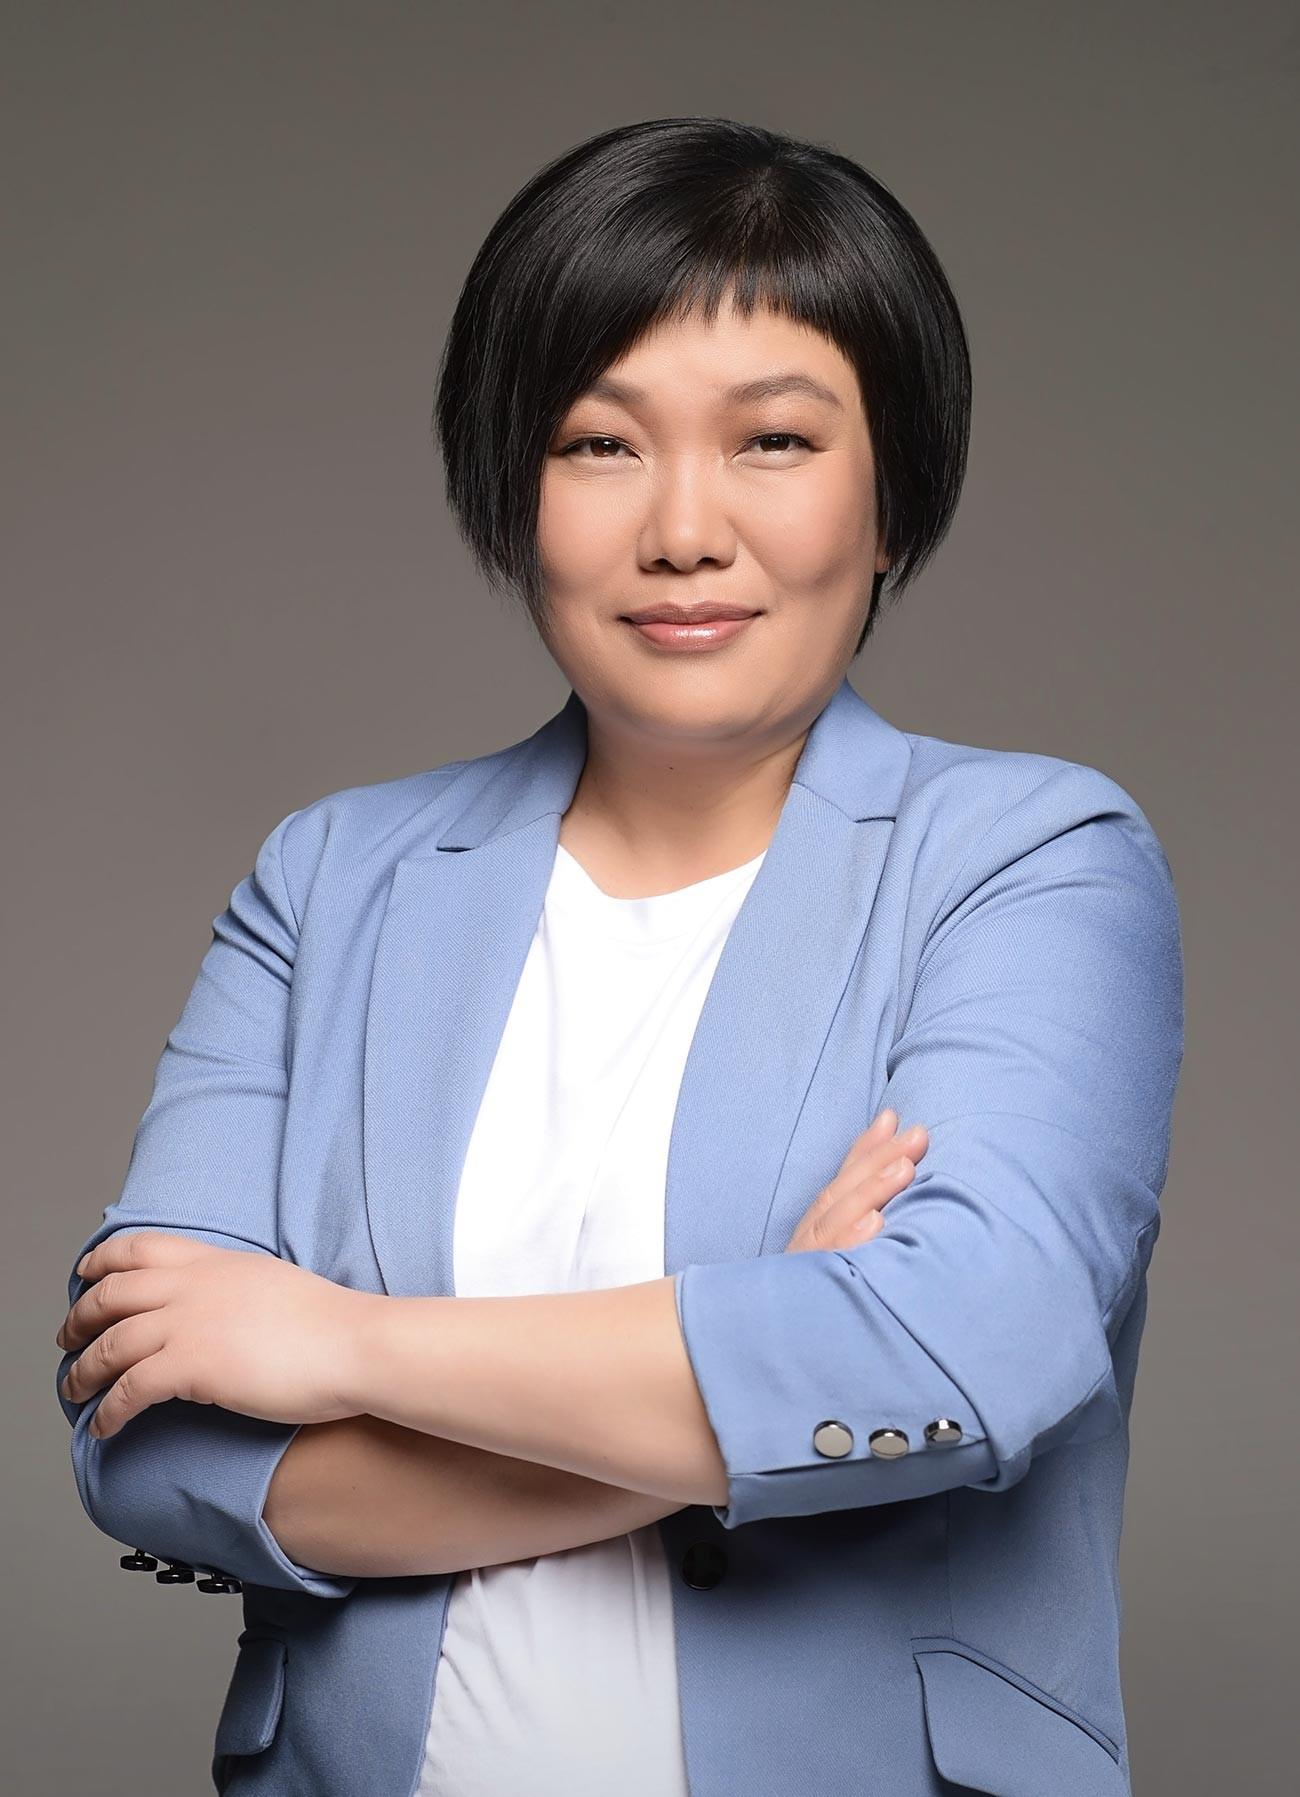 Tatjana Bakaljčuk, generalna direktorica i vlasnica najveće ruske online trgovine Wildberries, s procijenjenom vrijednošću od 1,2 milijarde dolara, postala je druga žena milijarderka u Rusiji.